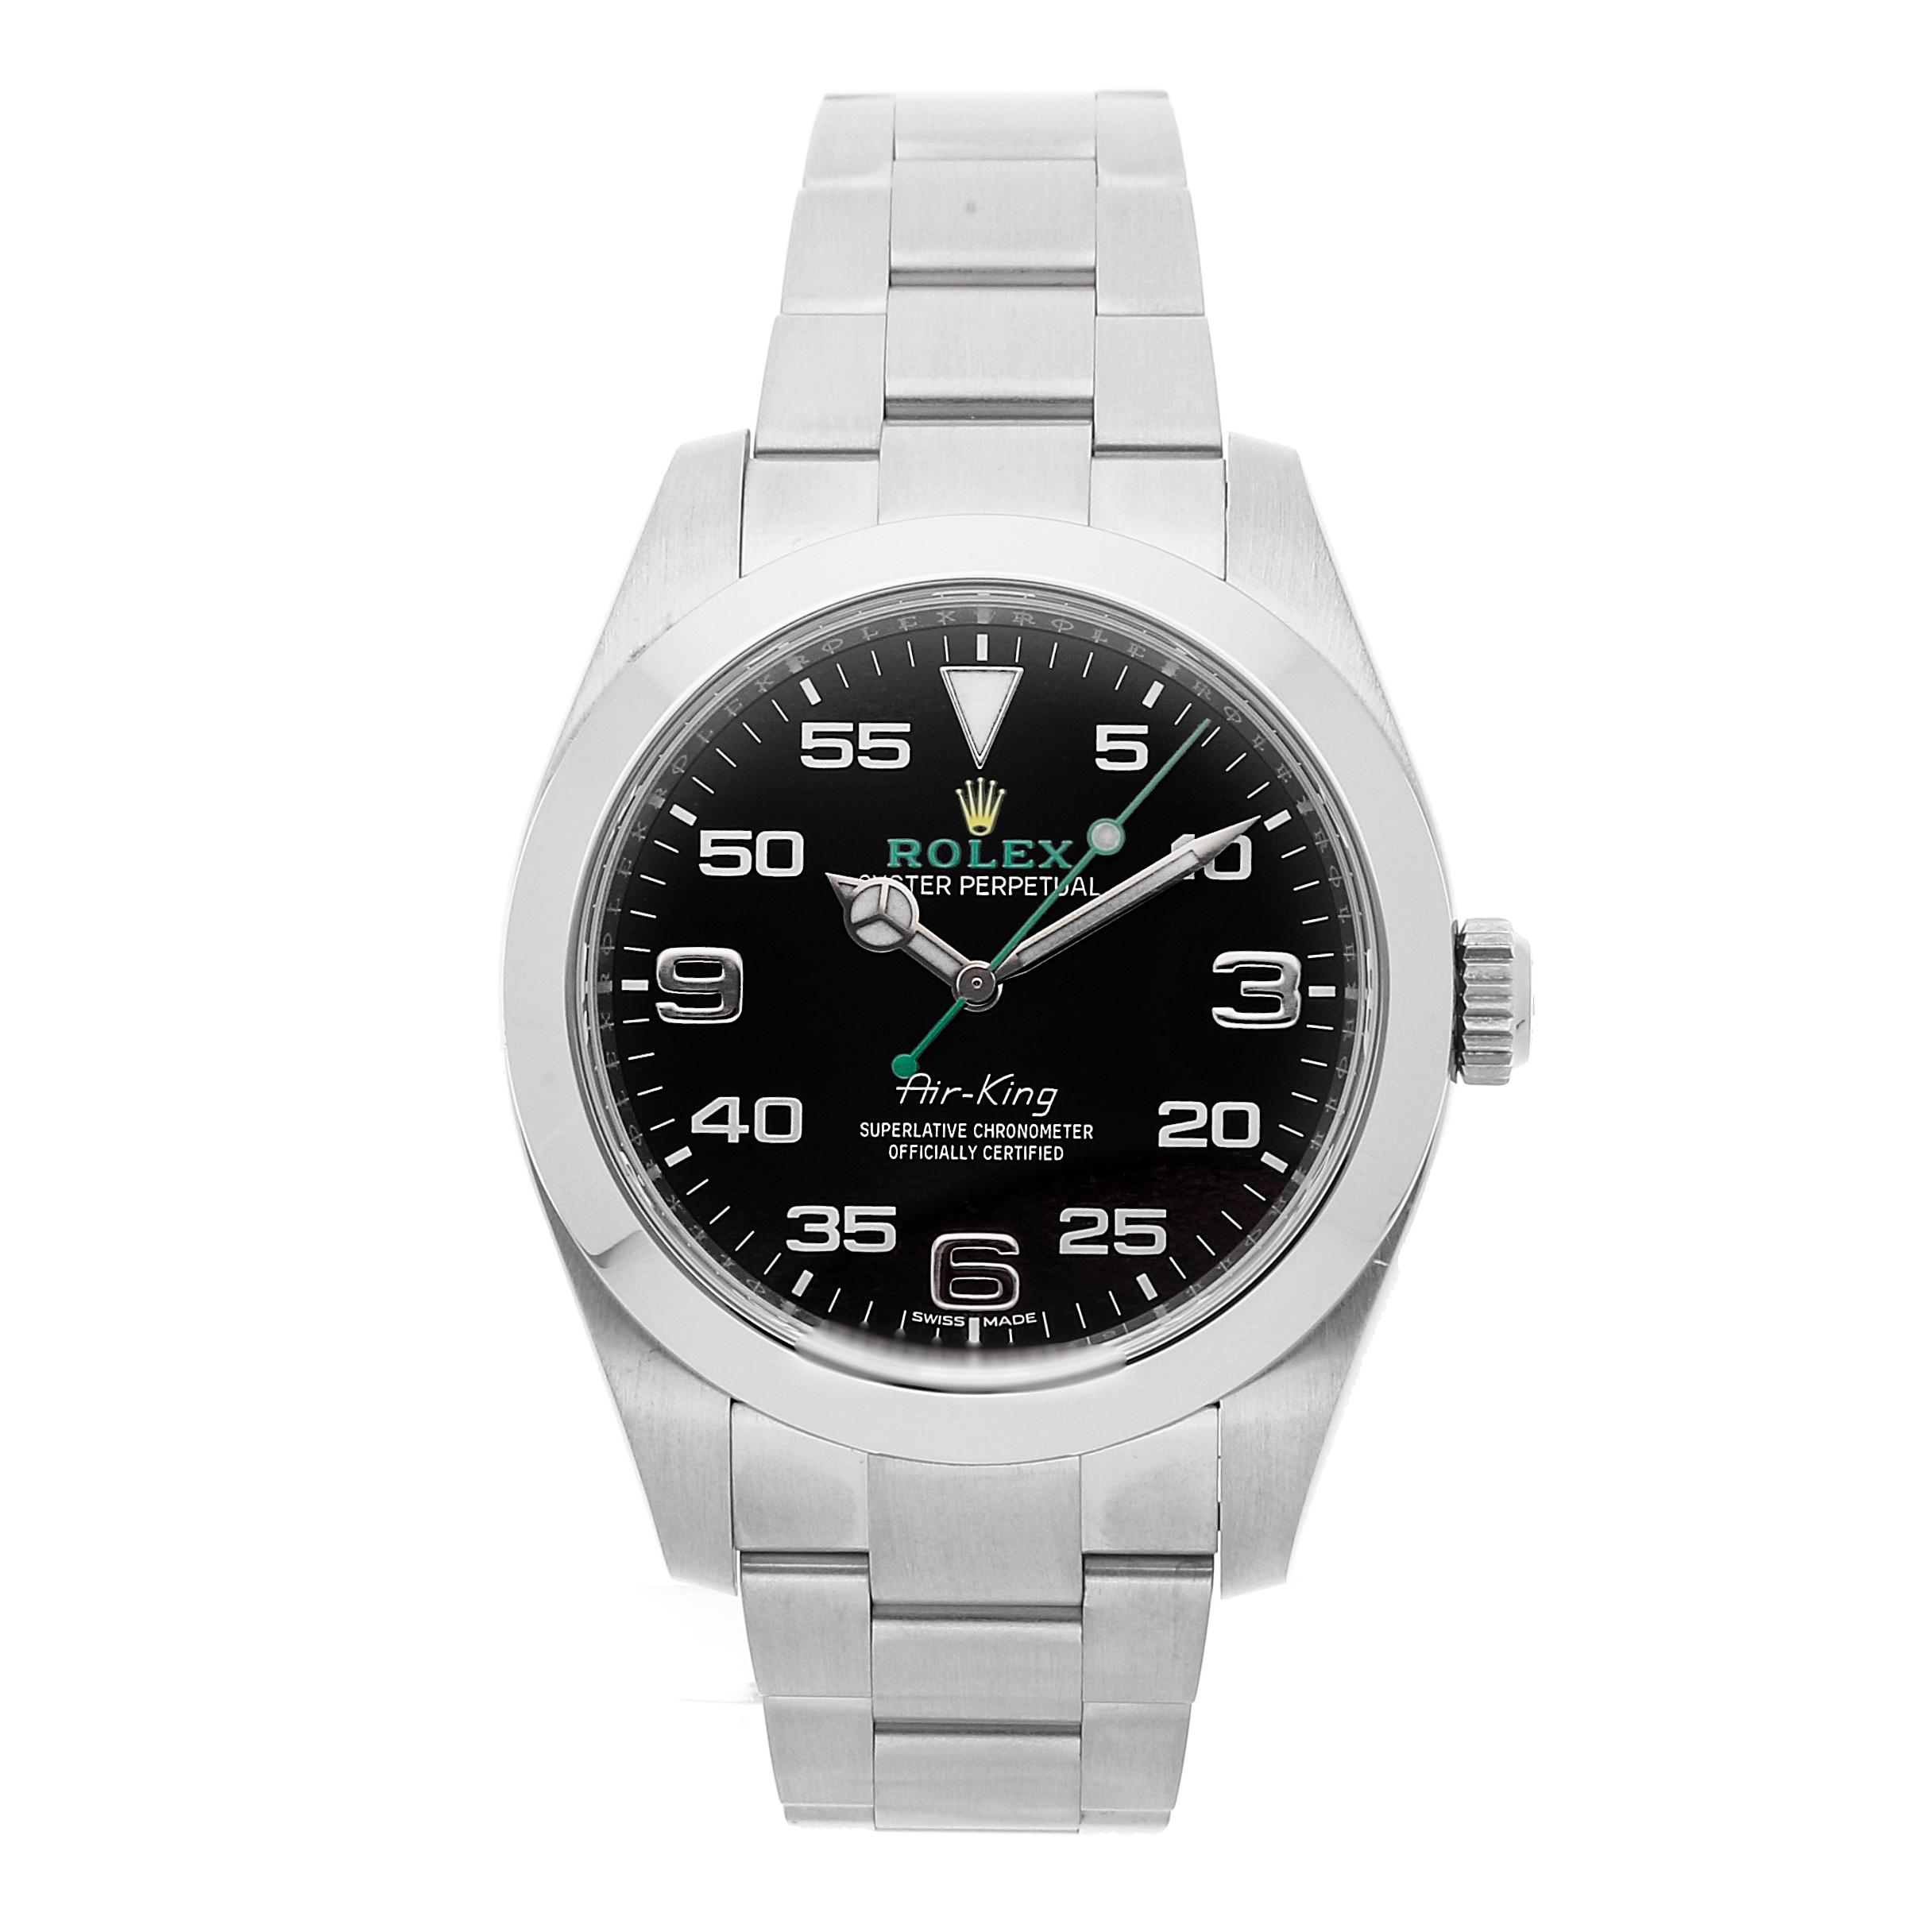 Rolex Air King via Watchbox